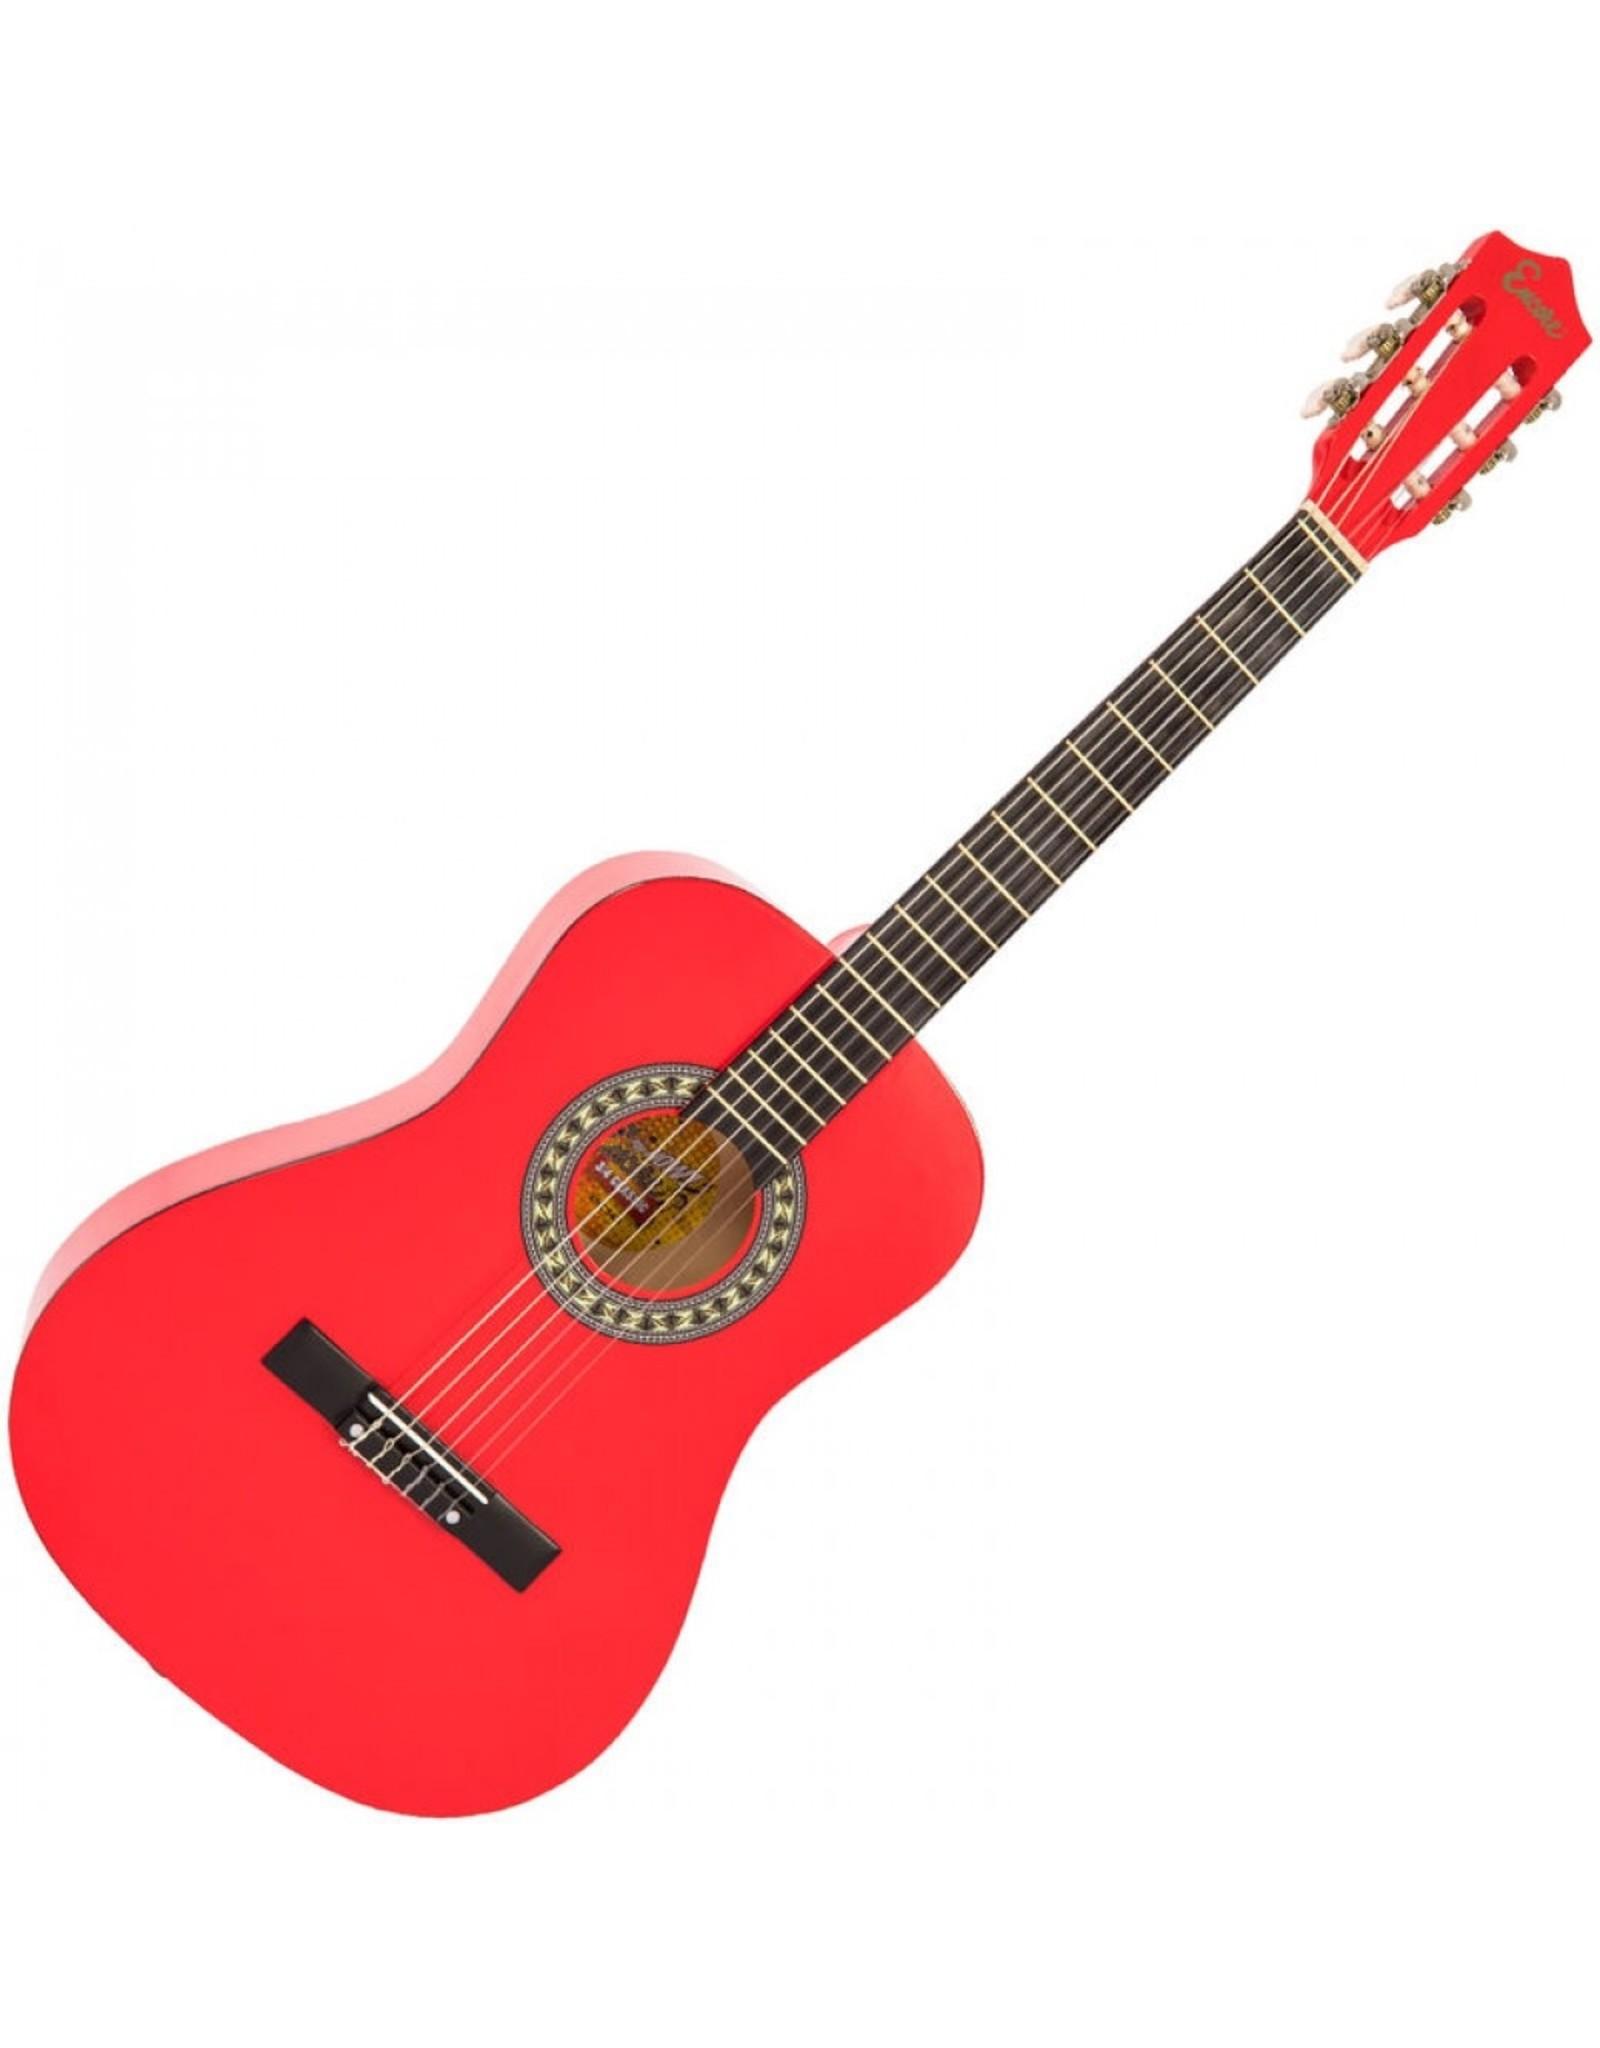 Encore Klassieke gitaar 3/4 91cm Rood  incl.  | Gitaartas | Gitaarsnaren | Gitaarband | Plectrums | Stemfluit | Zelfstudie DVD | Gitaarset